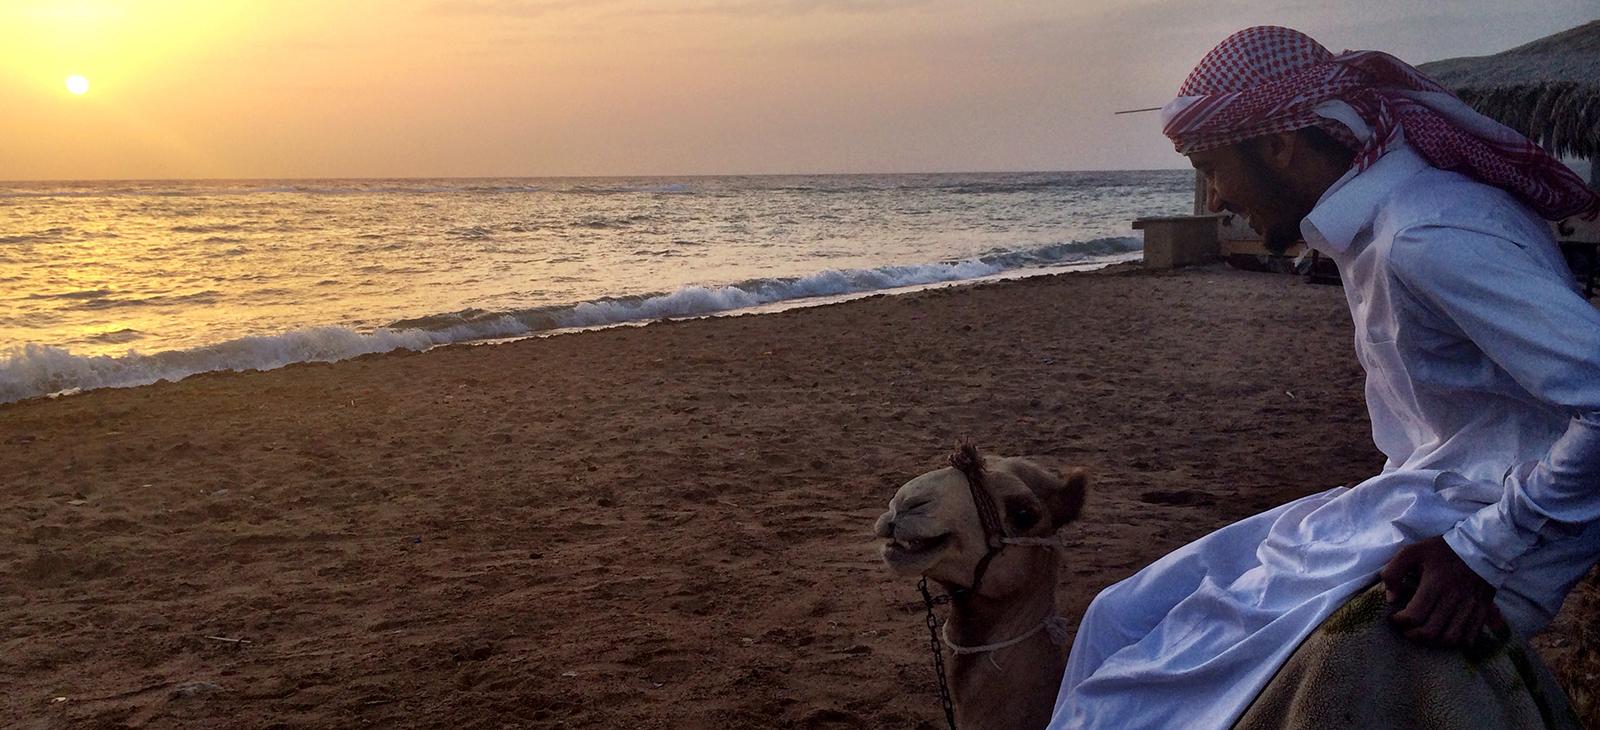 ramadan-camel-sunrise.jpg